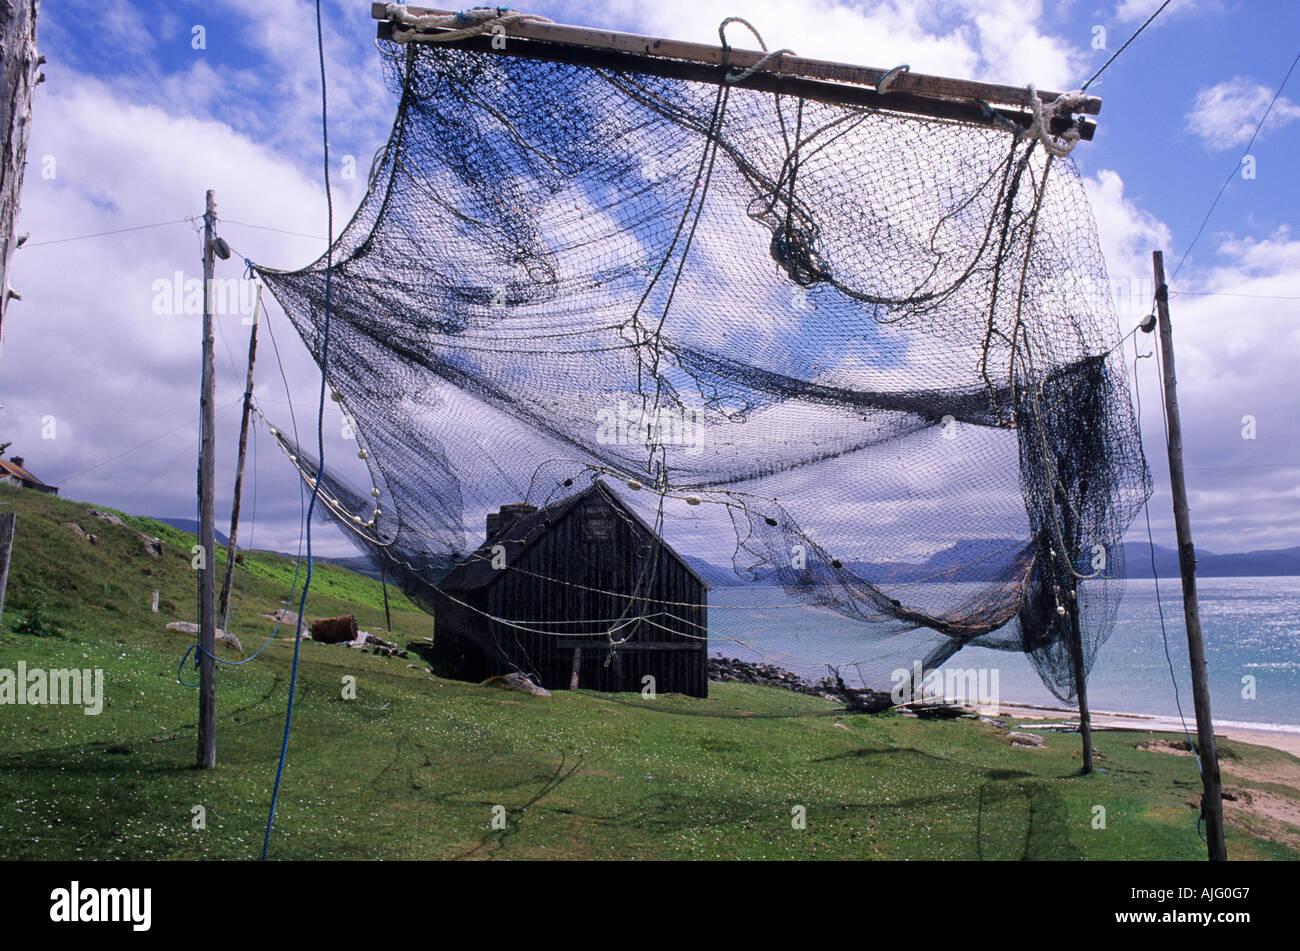 Le séchage des filets à saumon Bothy Beach Redpoint Wester Ross Ecosse Highlands de l'Ouest Photo Stock